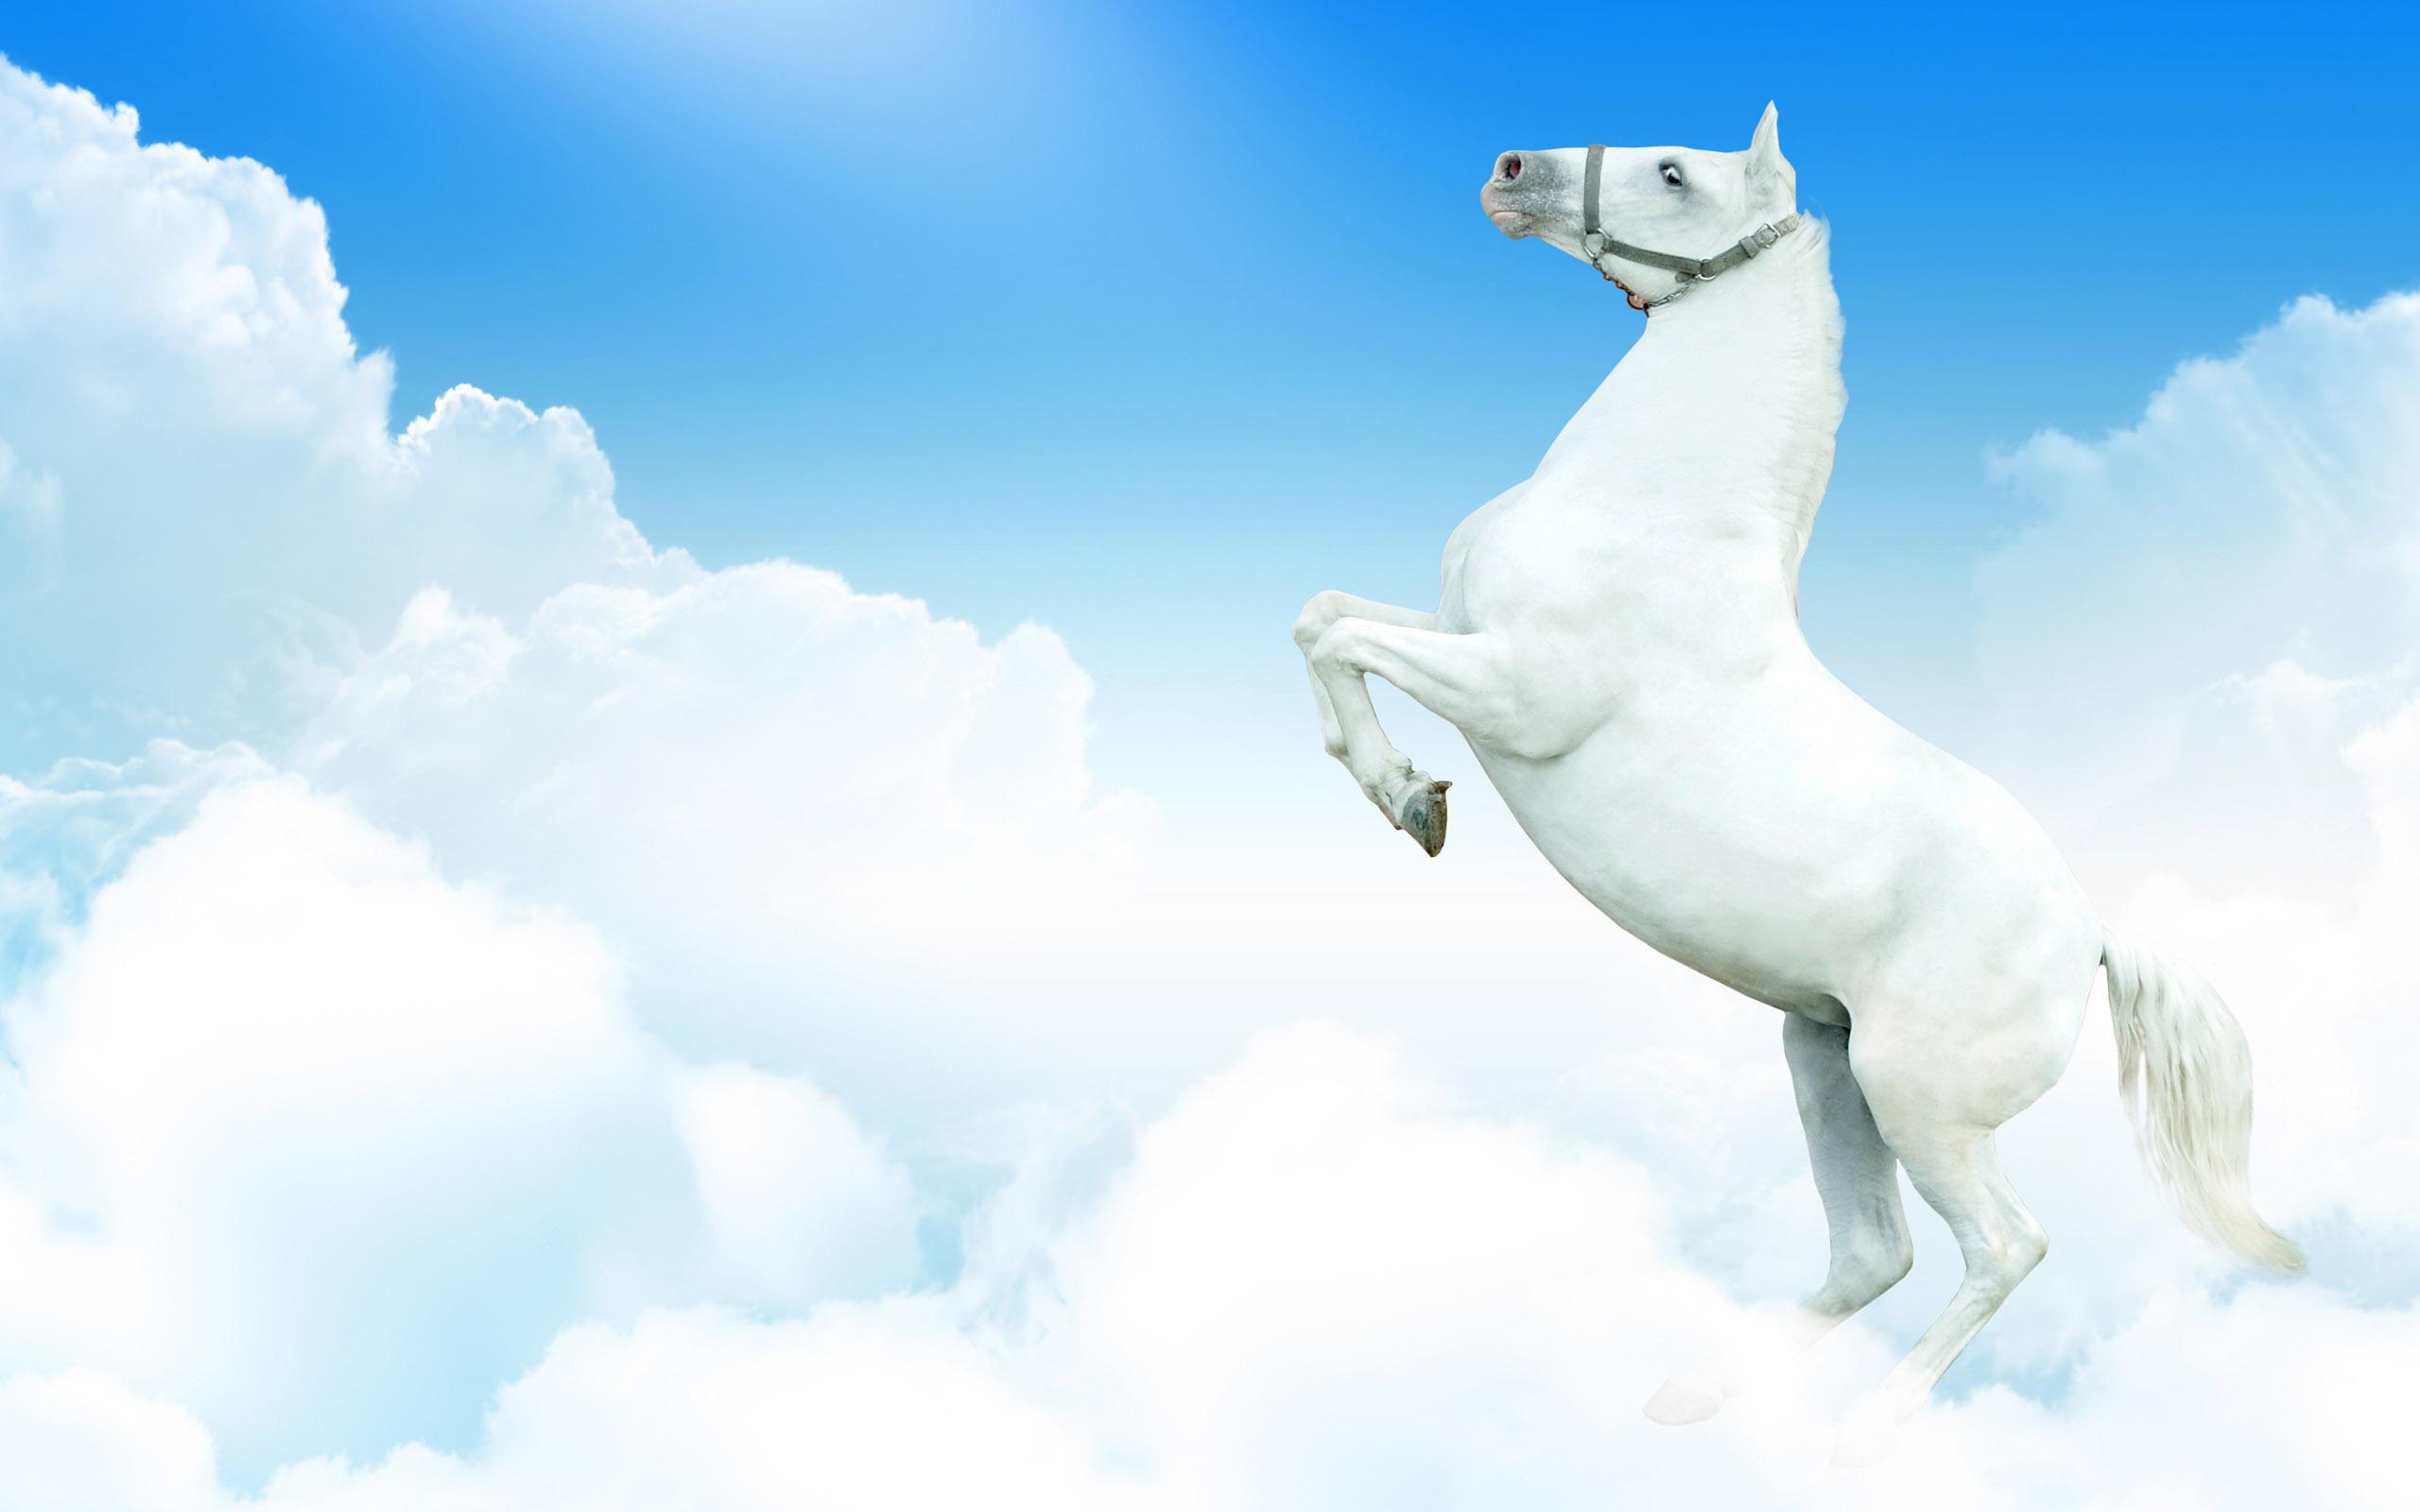 обои для рабочего стола лошади 1366x768 № 447543 бесплатно